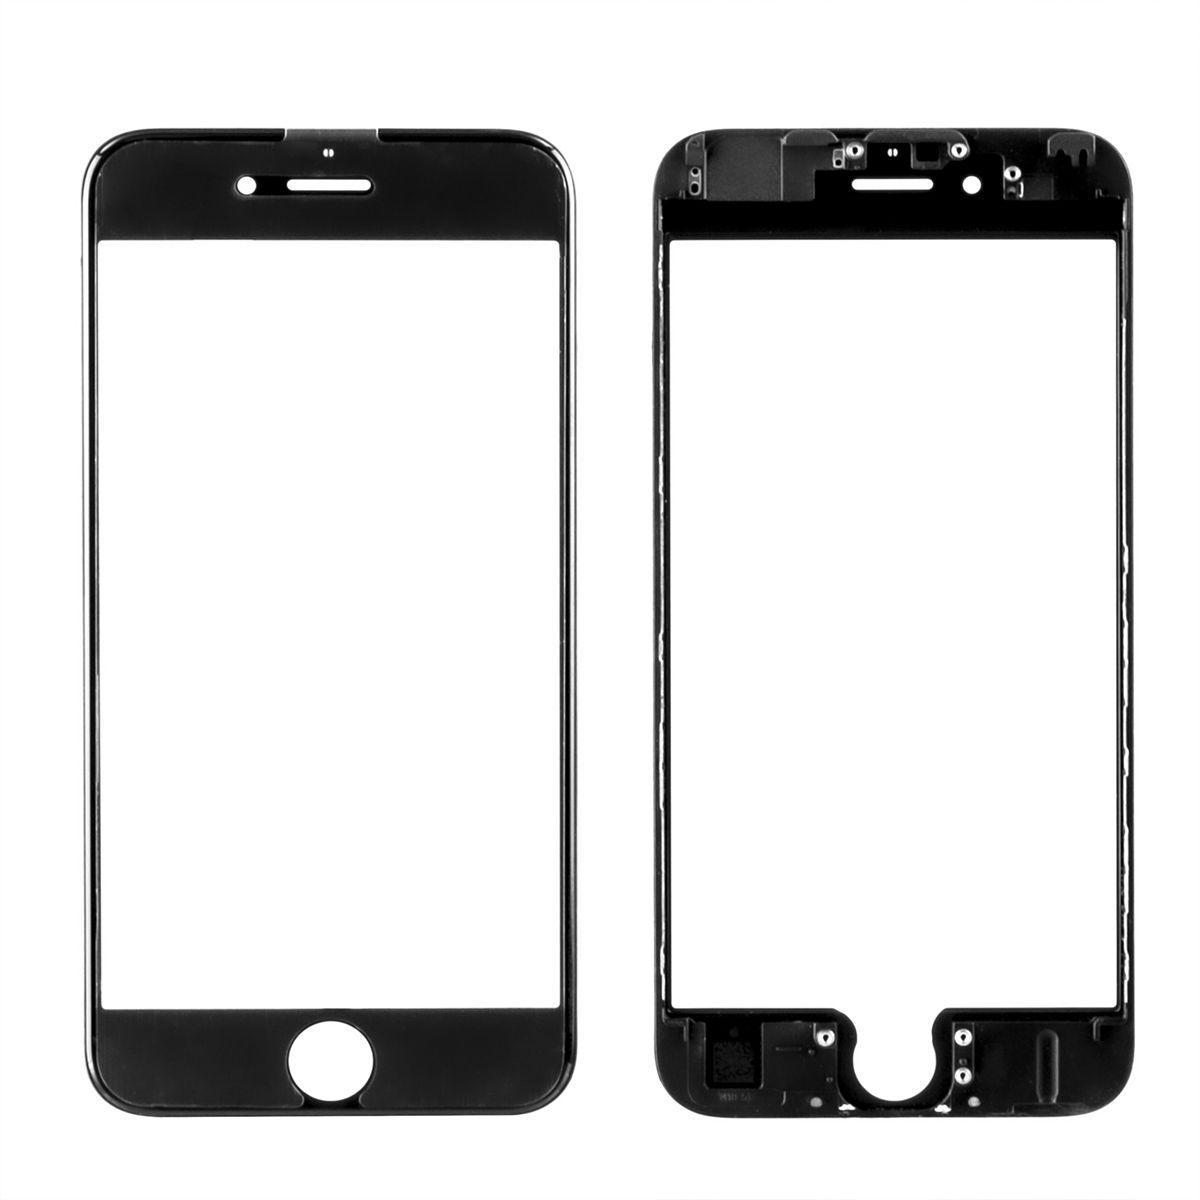 Стекло дисплей для iPhone 6S (3 в 1) с рамкой и OCA пленкой, Black